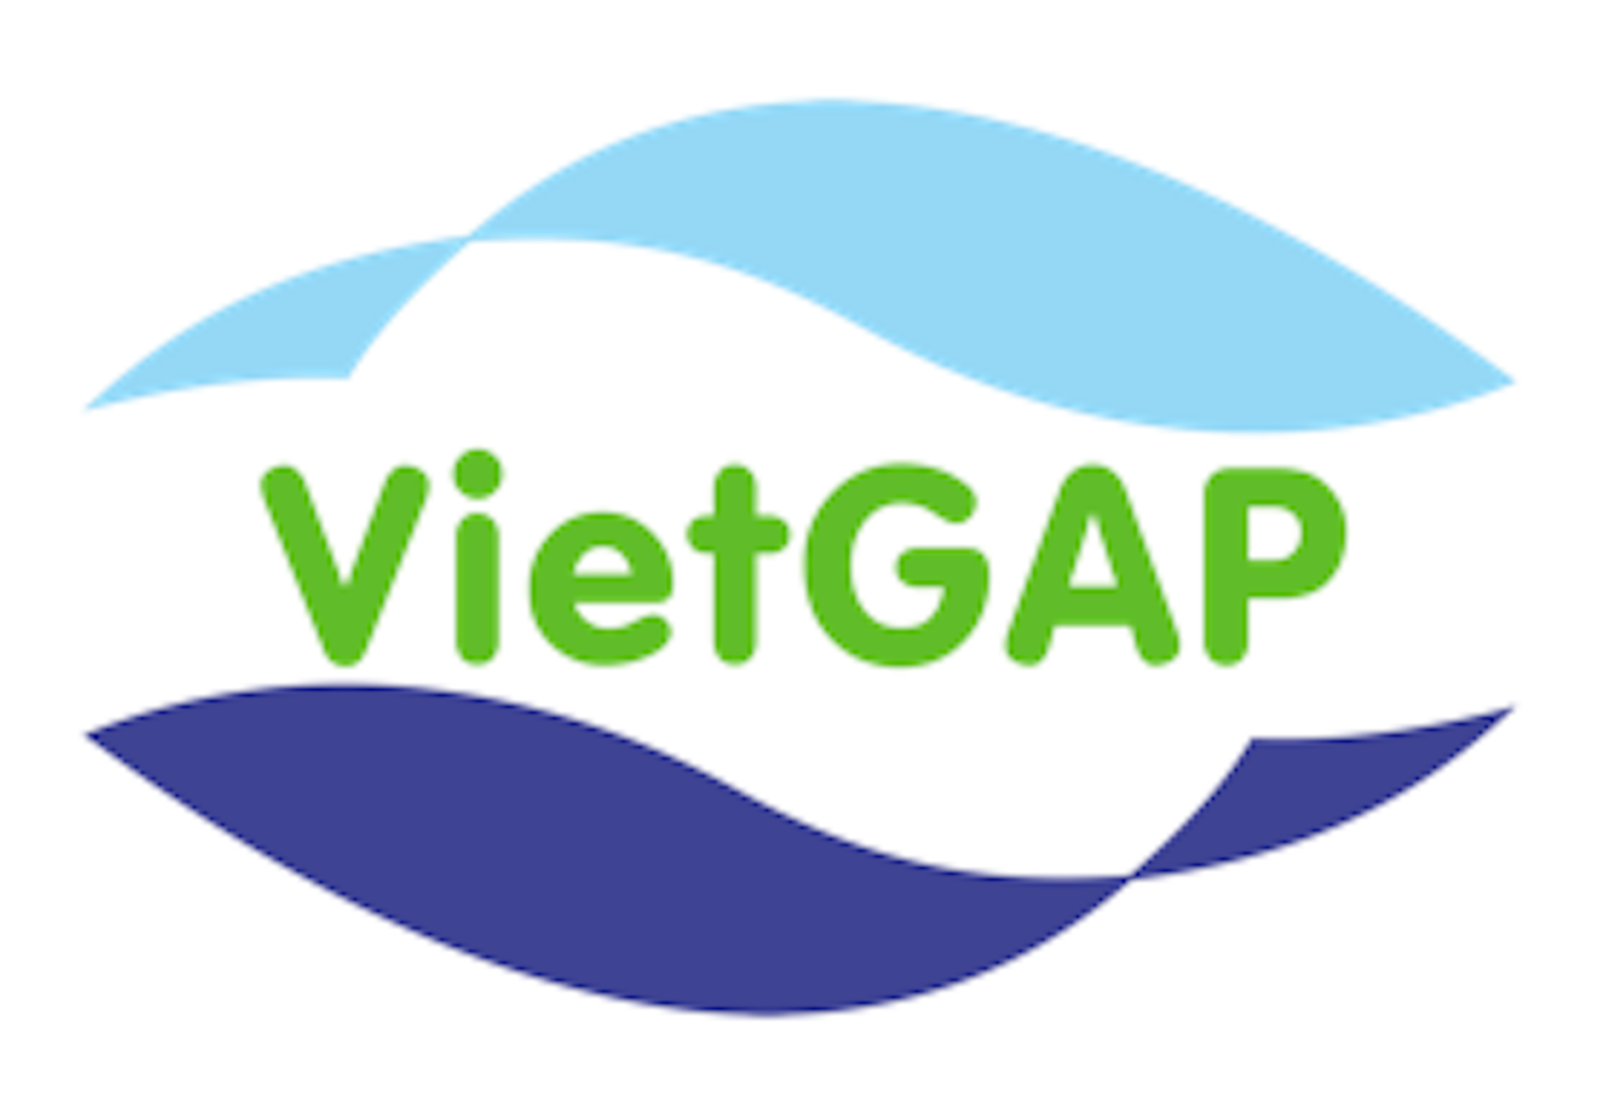 VIetGAP